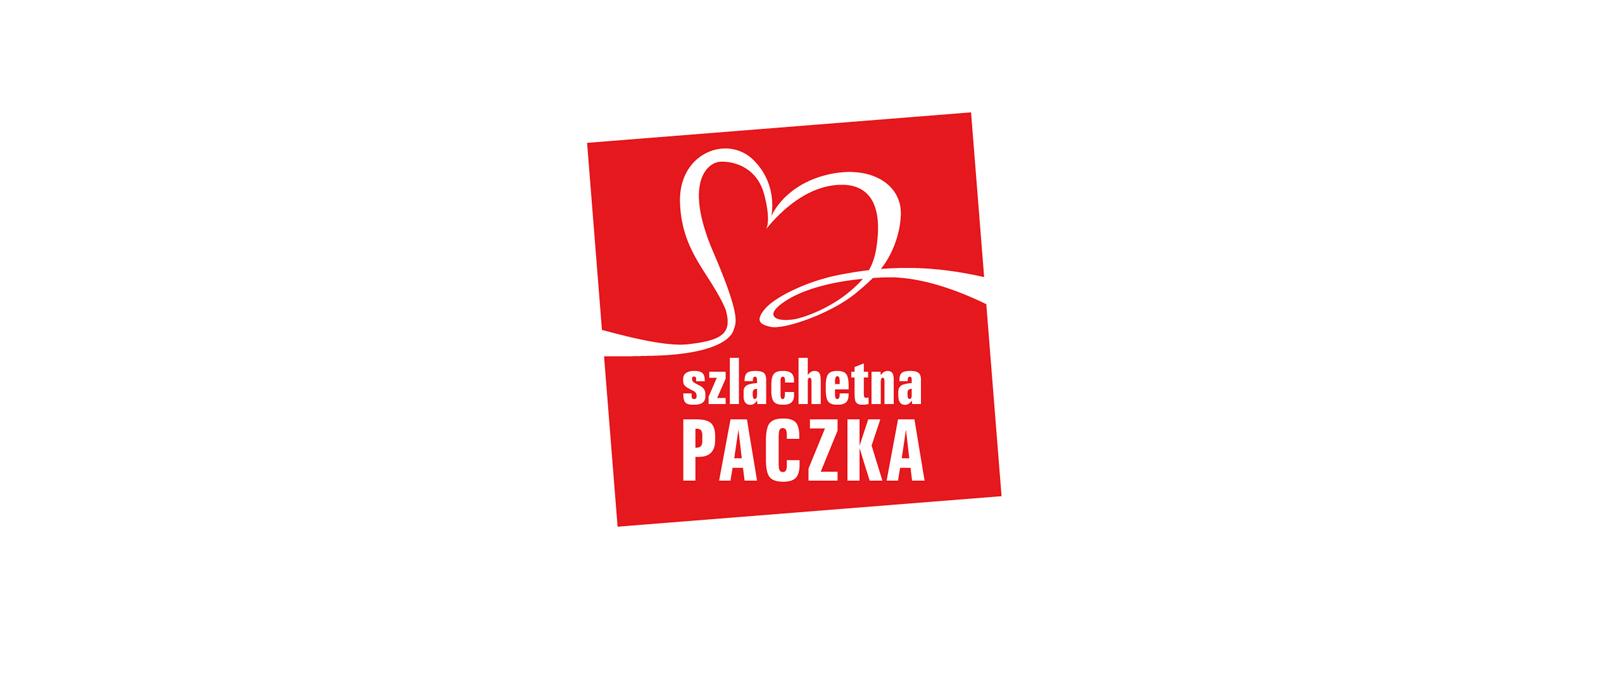 Logo Szlachtnej Paczki, to przekrzywiony lekko czerwony kwadrat, ze wstążeczką w kształcie serca oraz napisem Szlachetna Paczka.